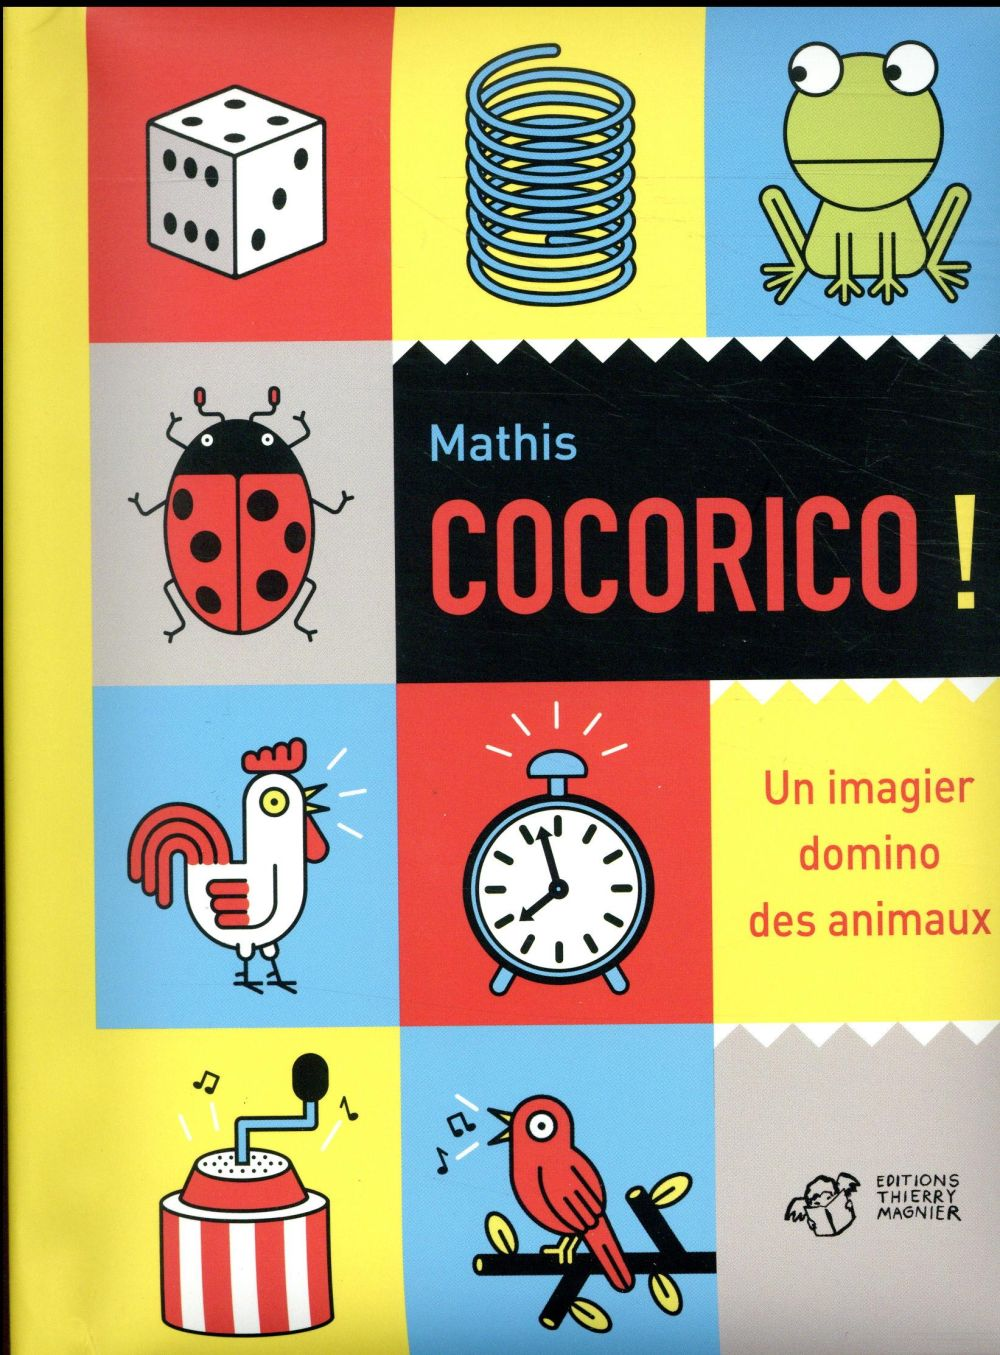 Cocorico ! un imagier domino des animaux